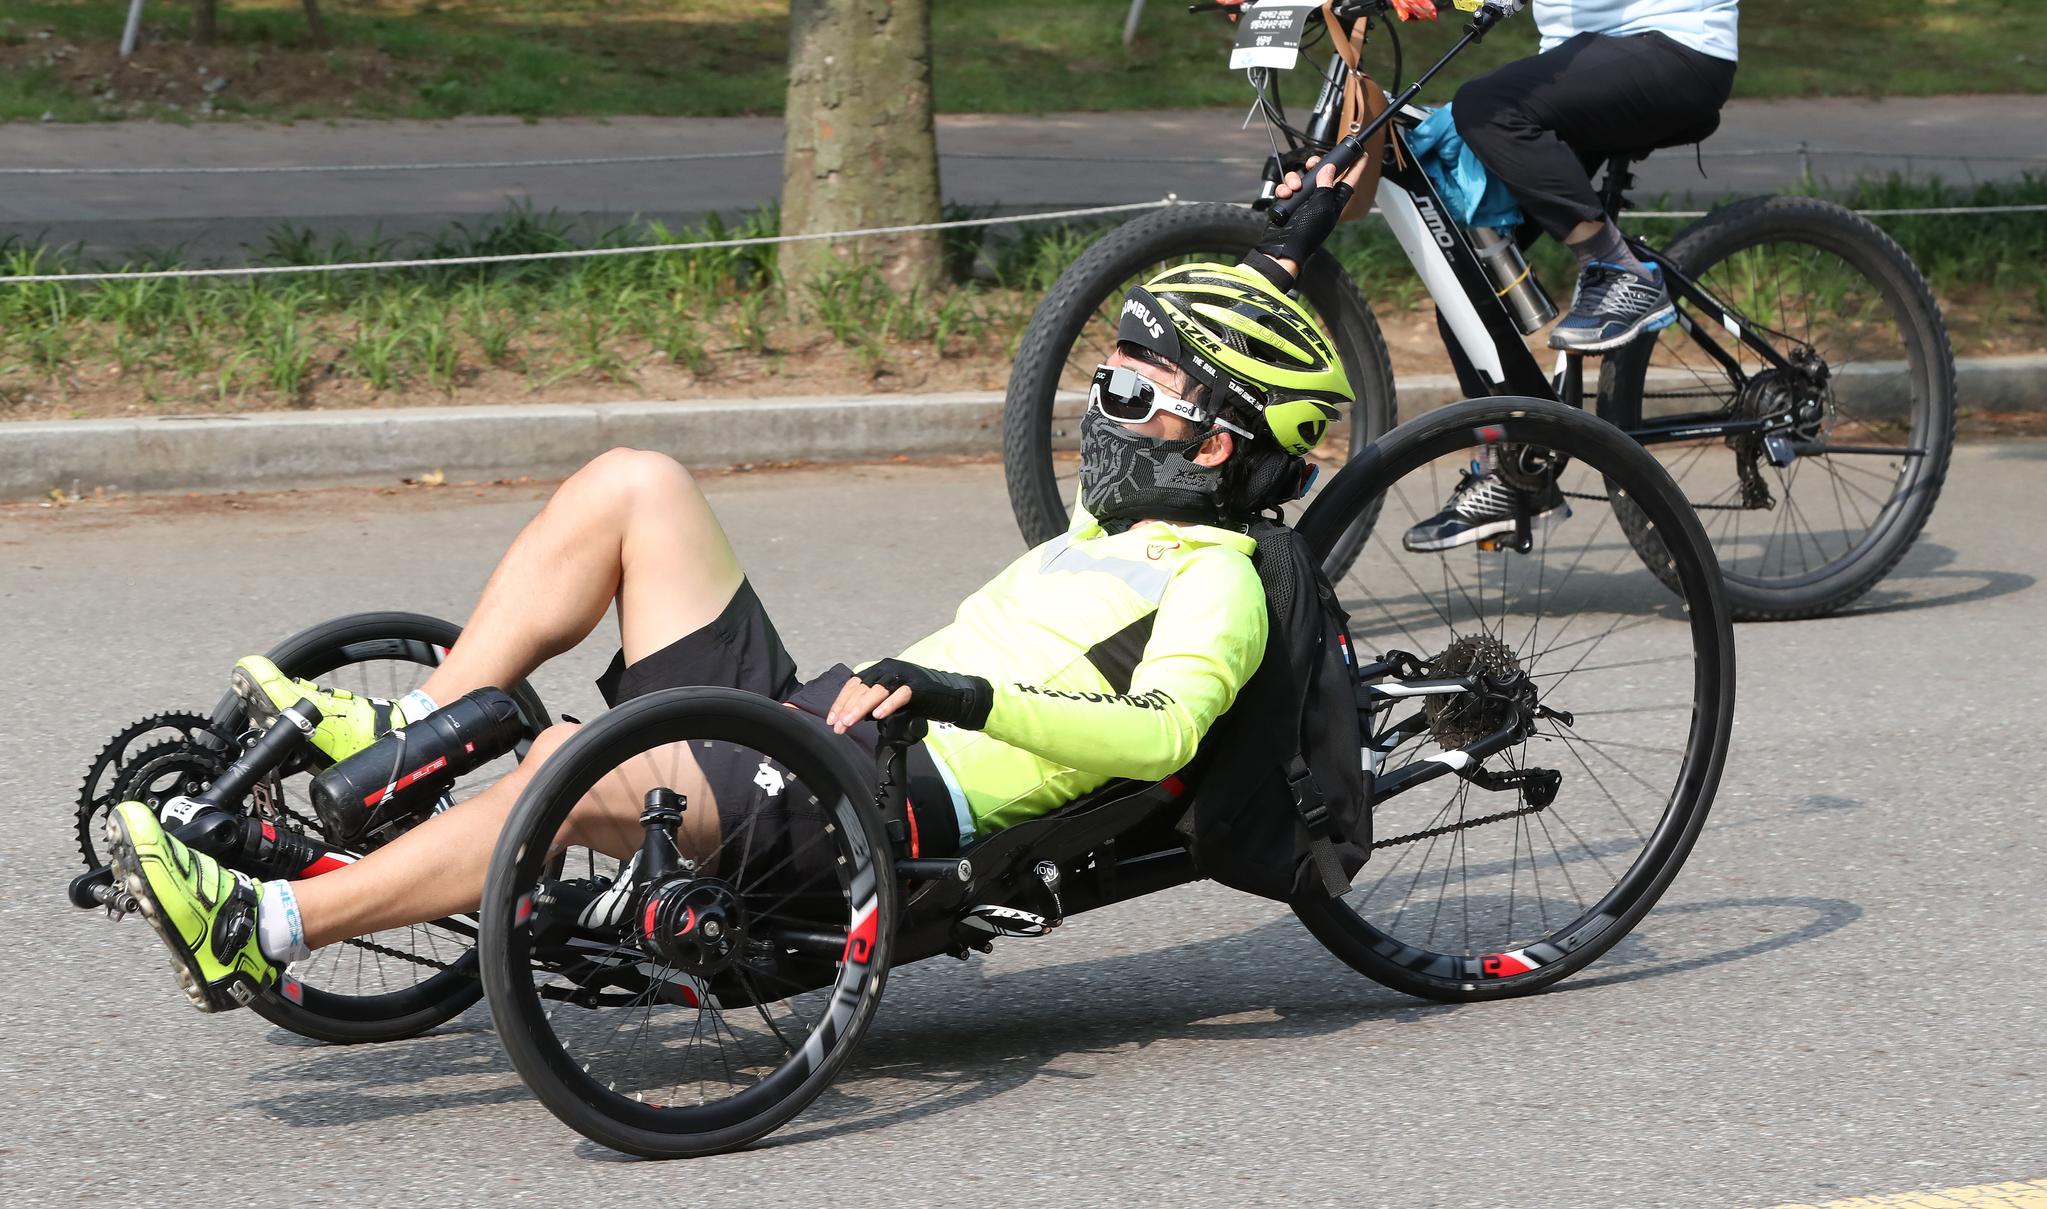 누워타는 자전거도 종류가 다양했다. 이날 한 참가자가 탄 자전거는 좌석이 바닥에 가까운 형태다. 우상조 기자